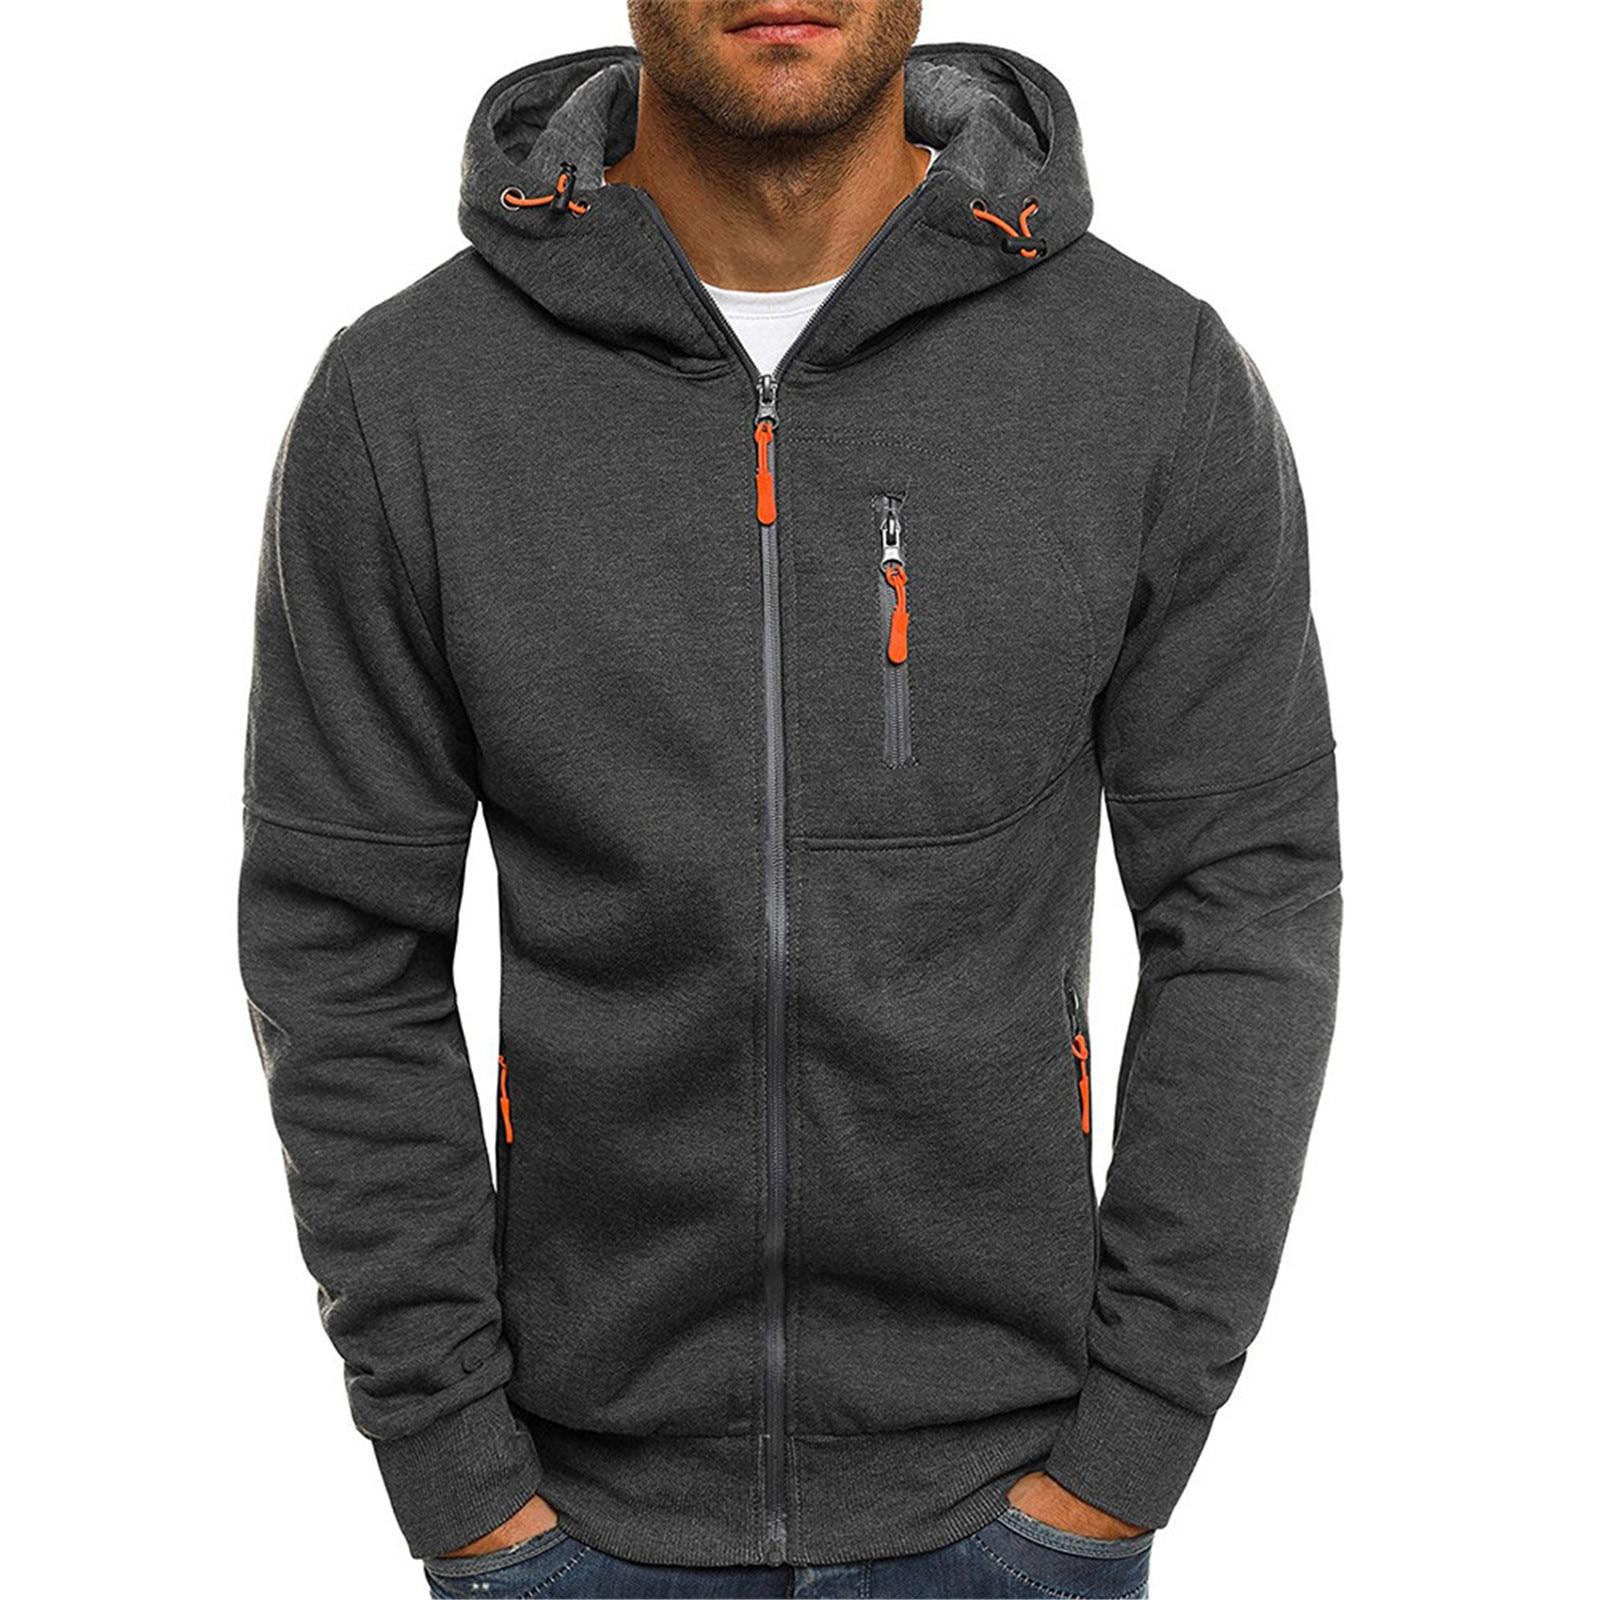 Куртка мужская повседневная с длинным рукавом, кофта с капюшоном, на молнии, верхняя одежда, пальто, осень